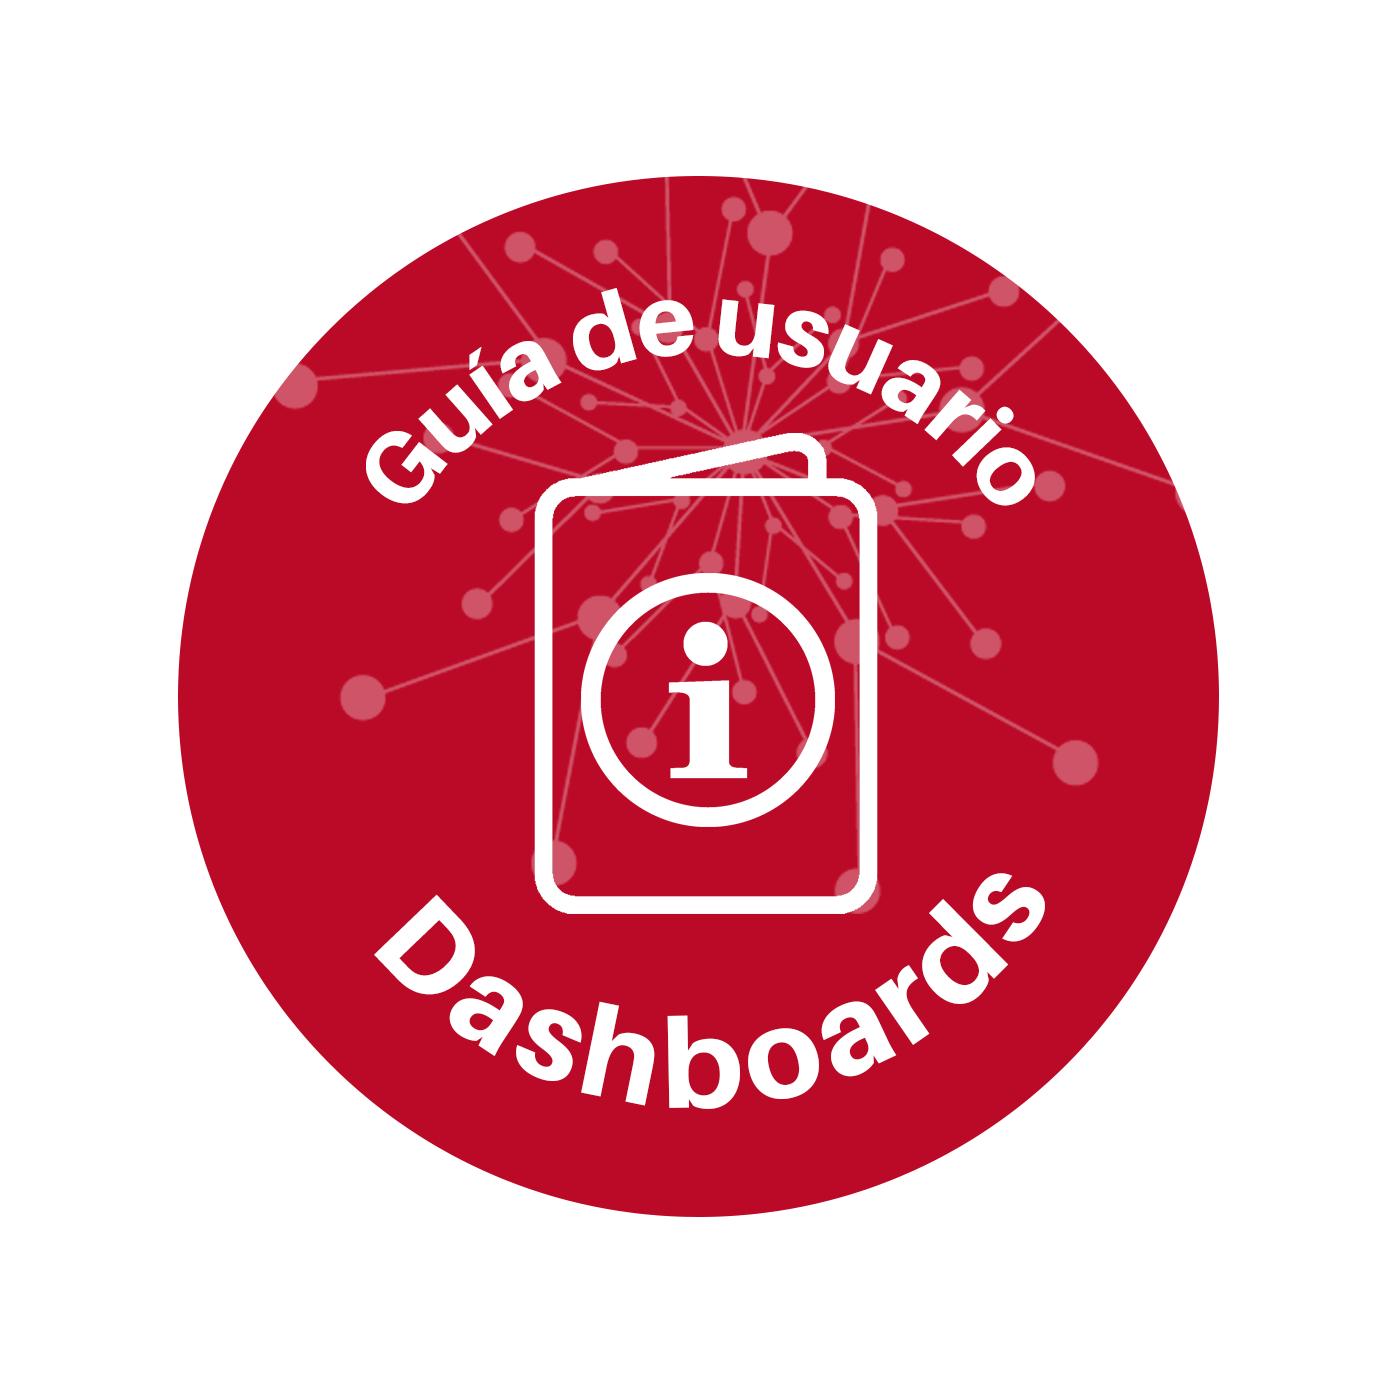 guia usuario dashboards